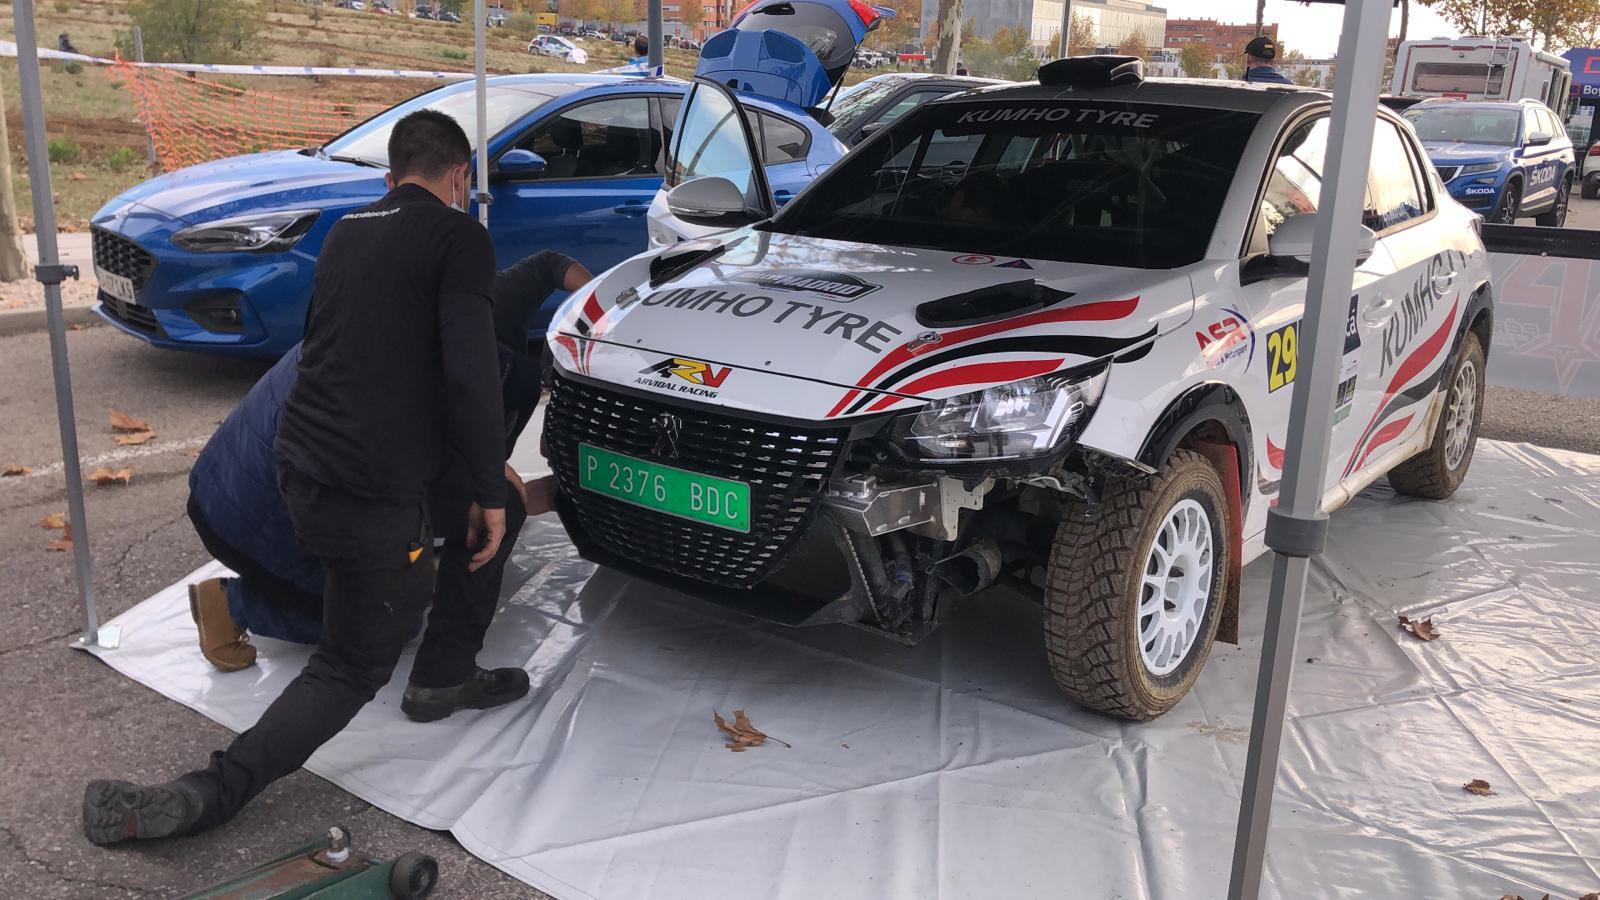 SCER + CERT: Rallye de Tierra de Madrid [13-14 Noviembre] - Página 2 EmtohuGW8AAgWLA?format=jpg&name=large